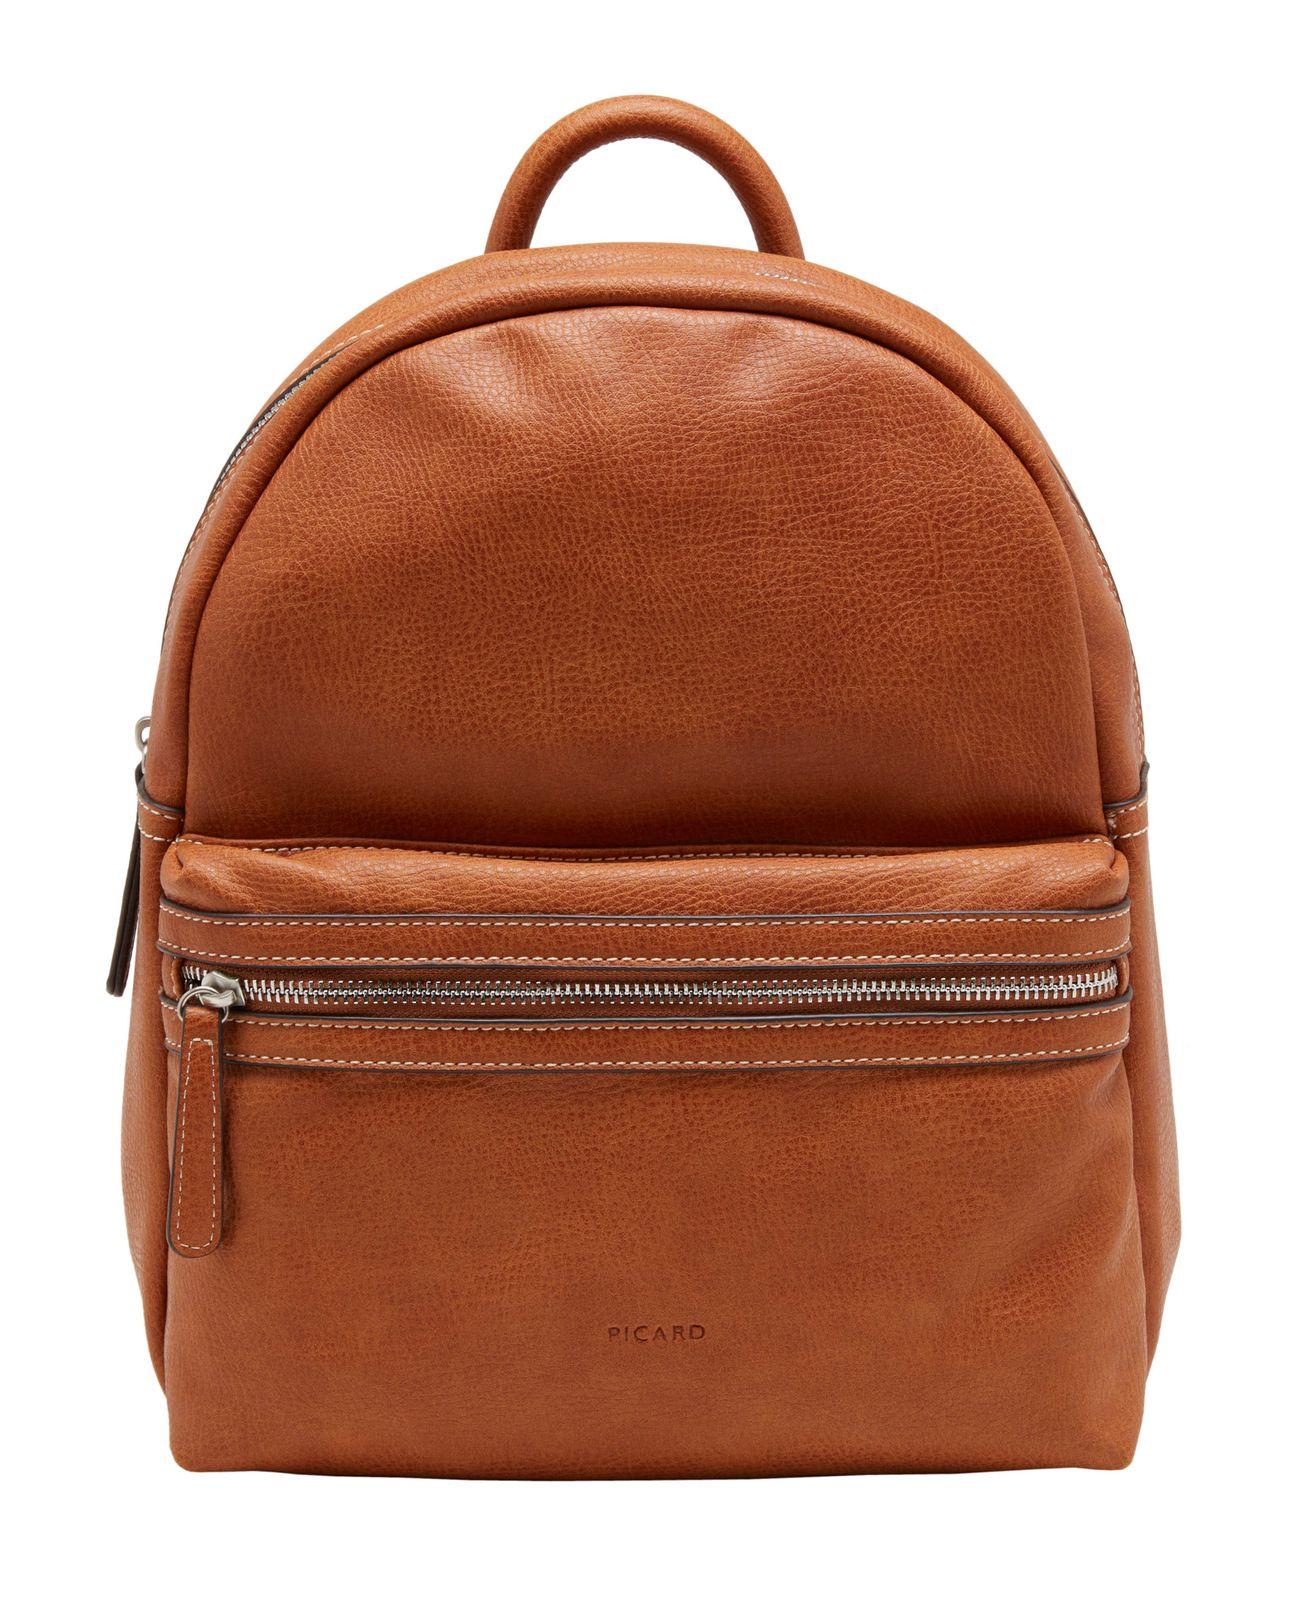 af70f7822397e PICARD-Rucksack-Skylar-Backpack-Whisky-149330.jpg